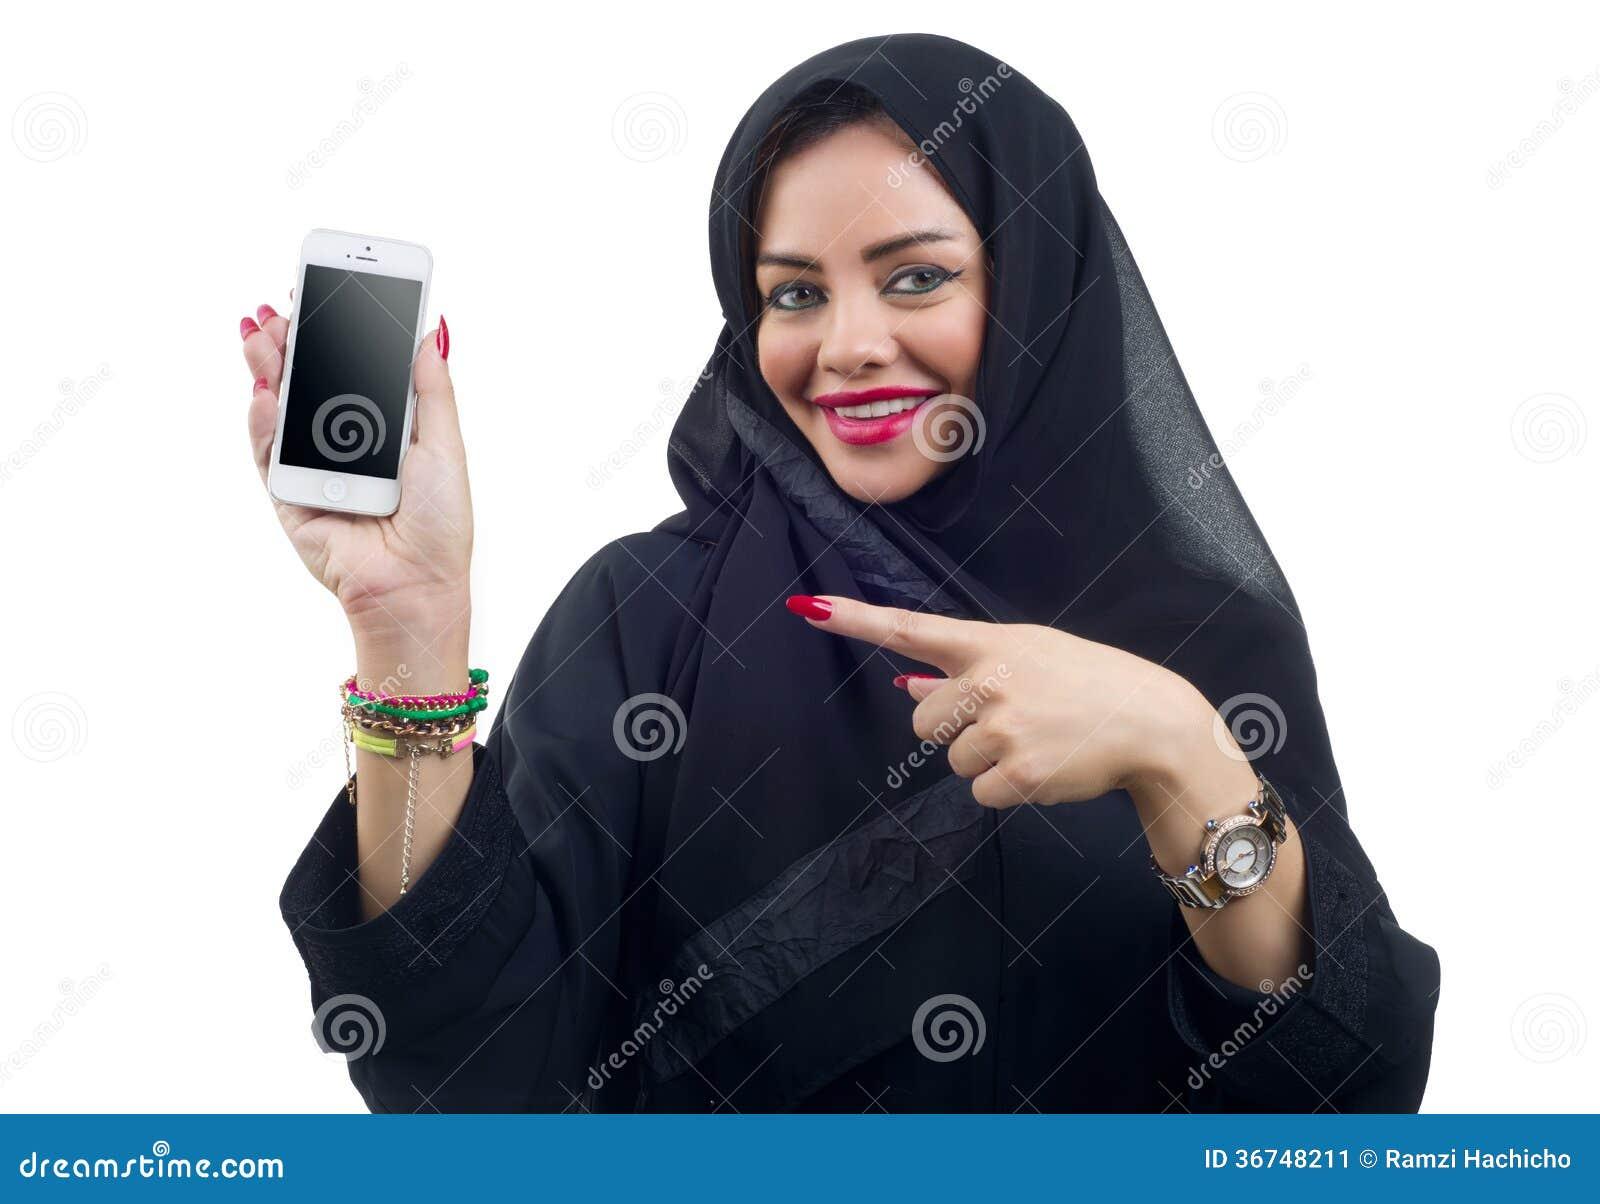 Modelo árabe bonito que guarda um telefone celular em um fundo isolado